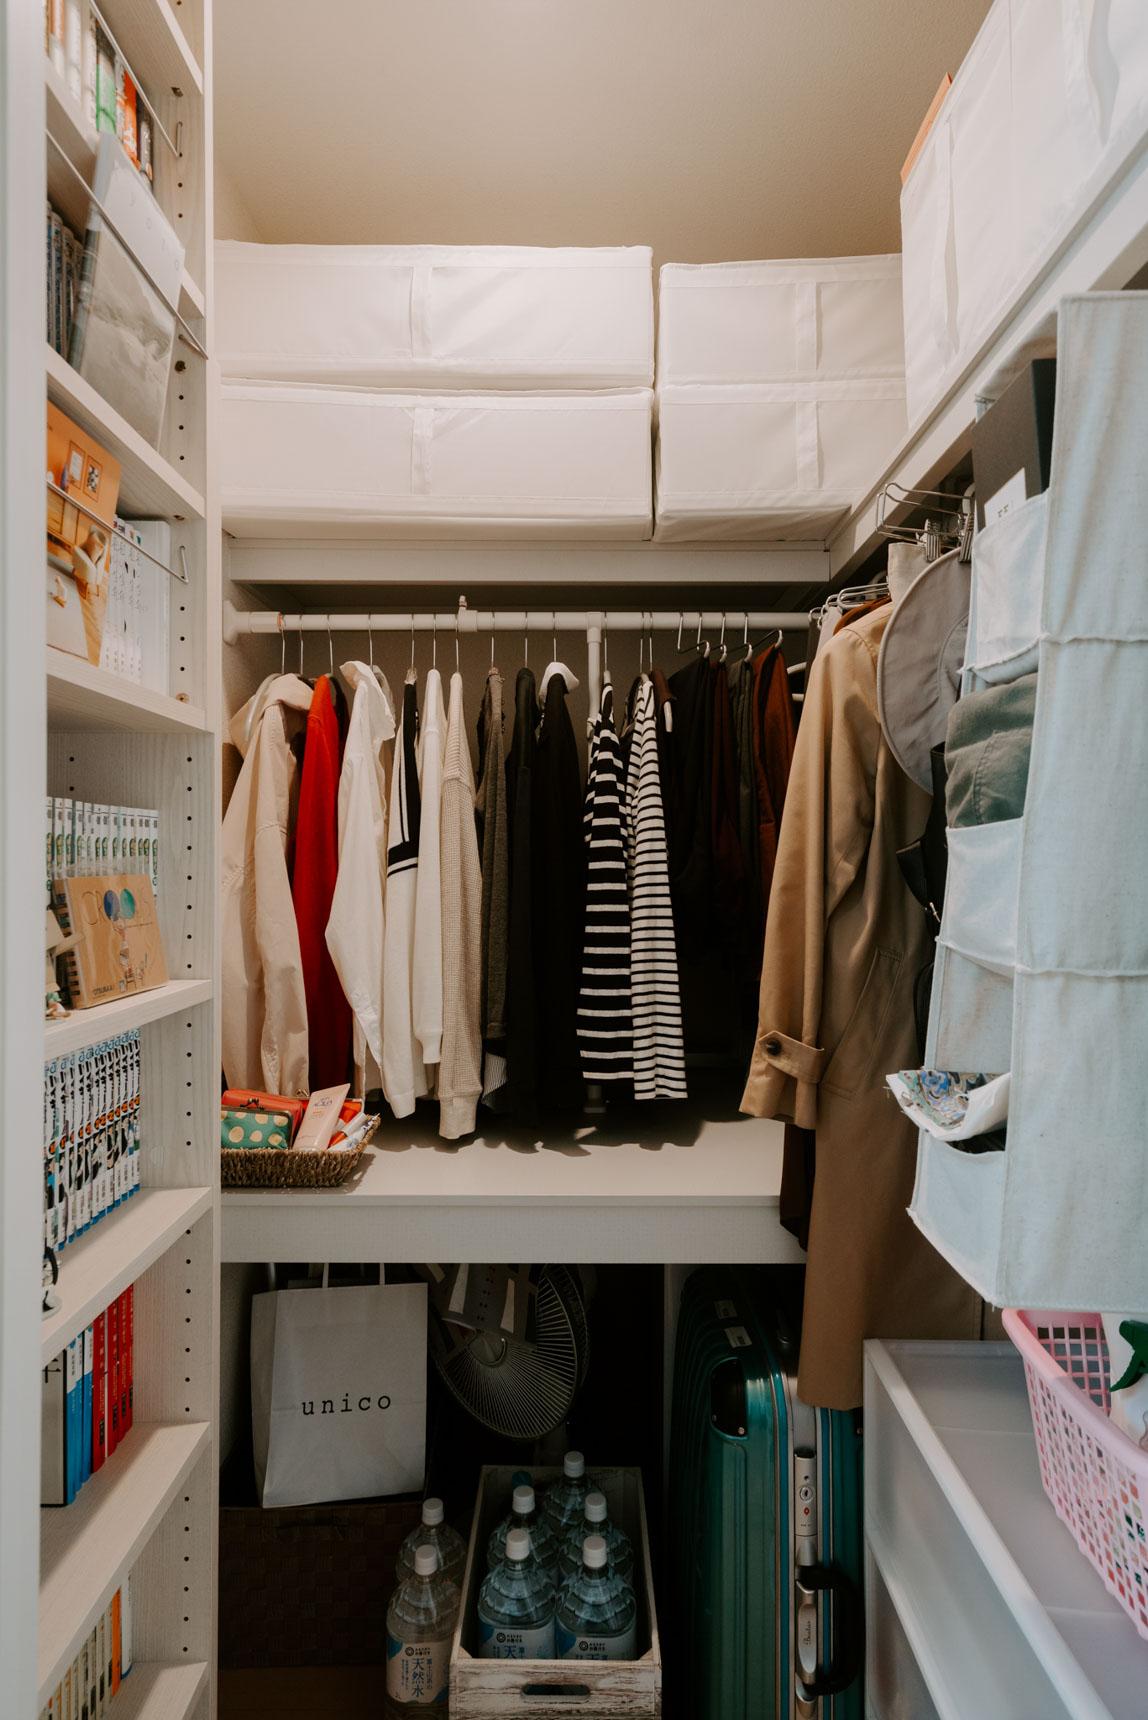 すっきりして見えるお部屋のもうひとつの秘密は、大容量のウォークインクローゼット。クローゼットの中も綺麗に整頓して、オールシーズン、いちいち出し入れしなくても良いように工夫されています。